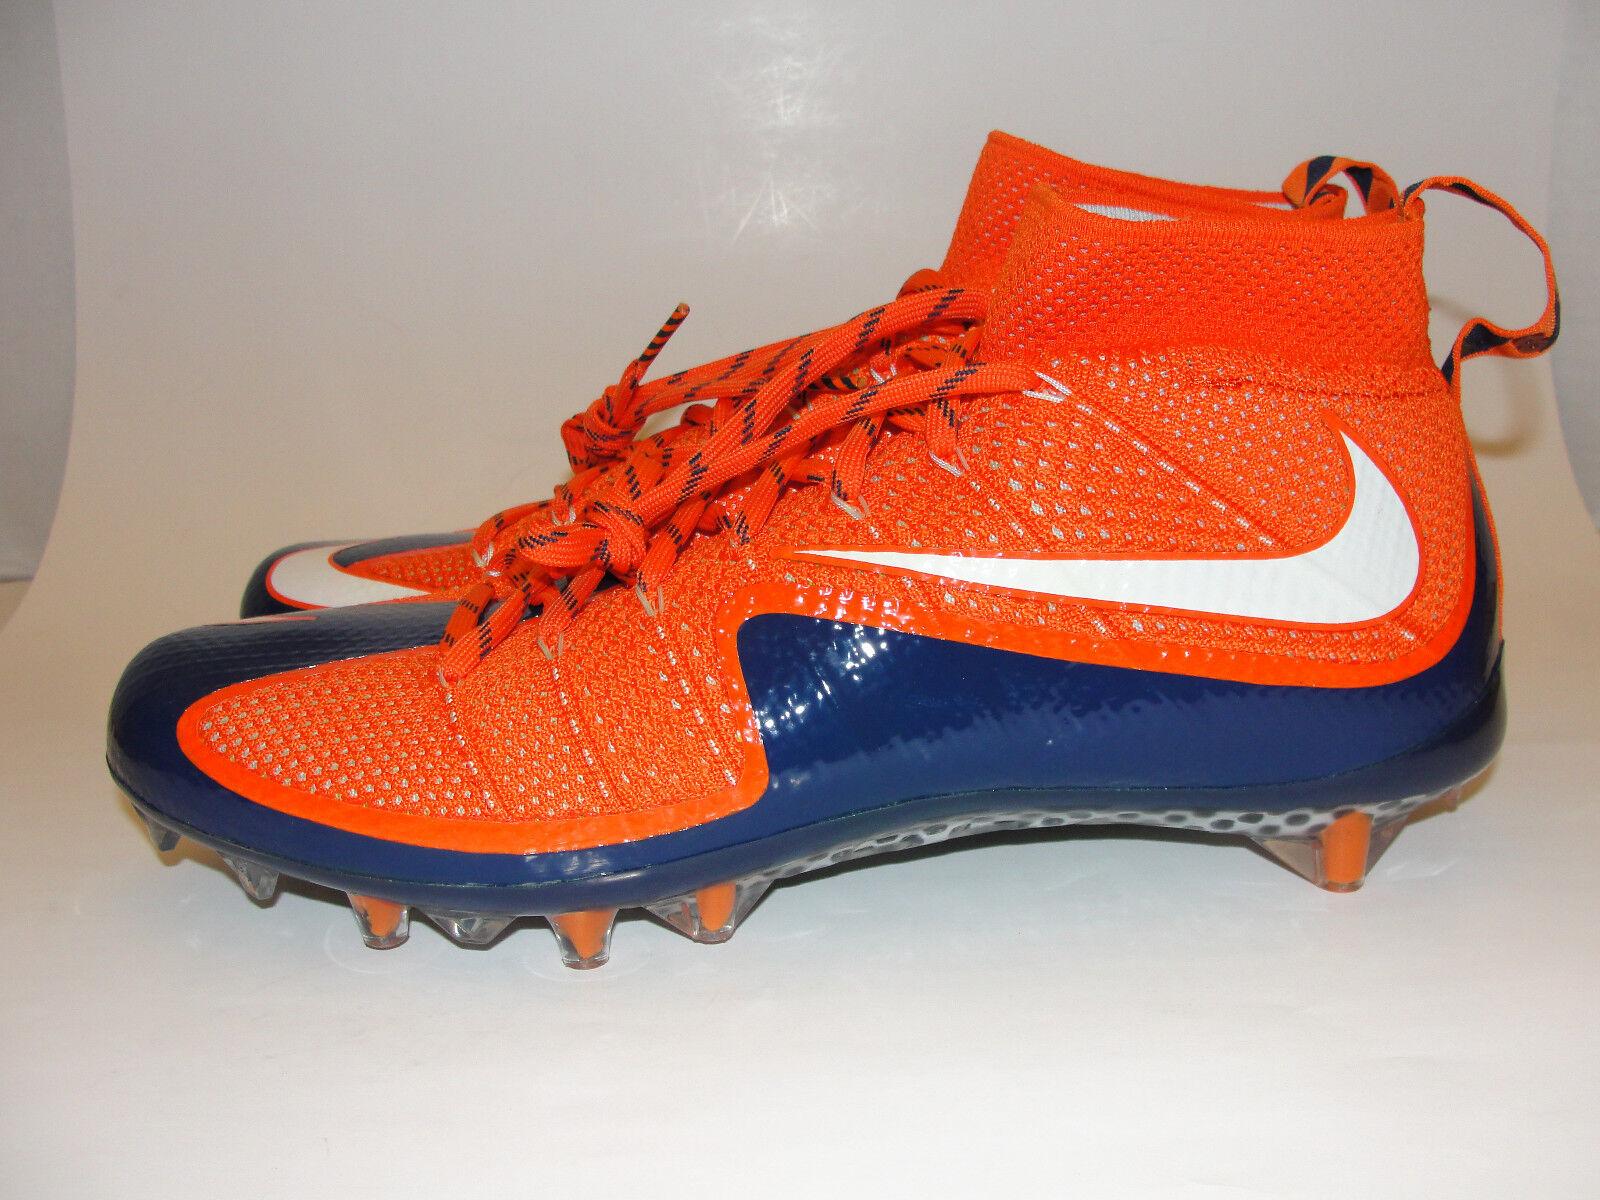 Nike Vapor Untouchable TD Flyknit Carbon Football Cleats sz sz sz 12 orange bluee fda5f1